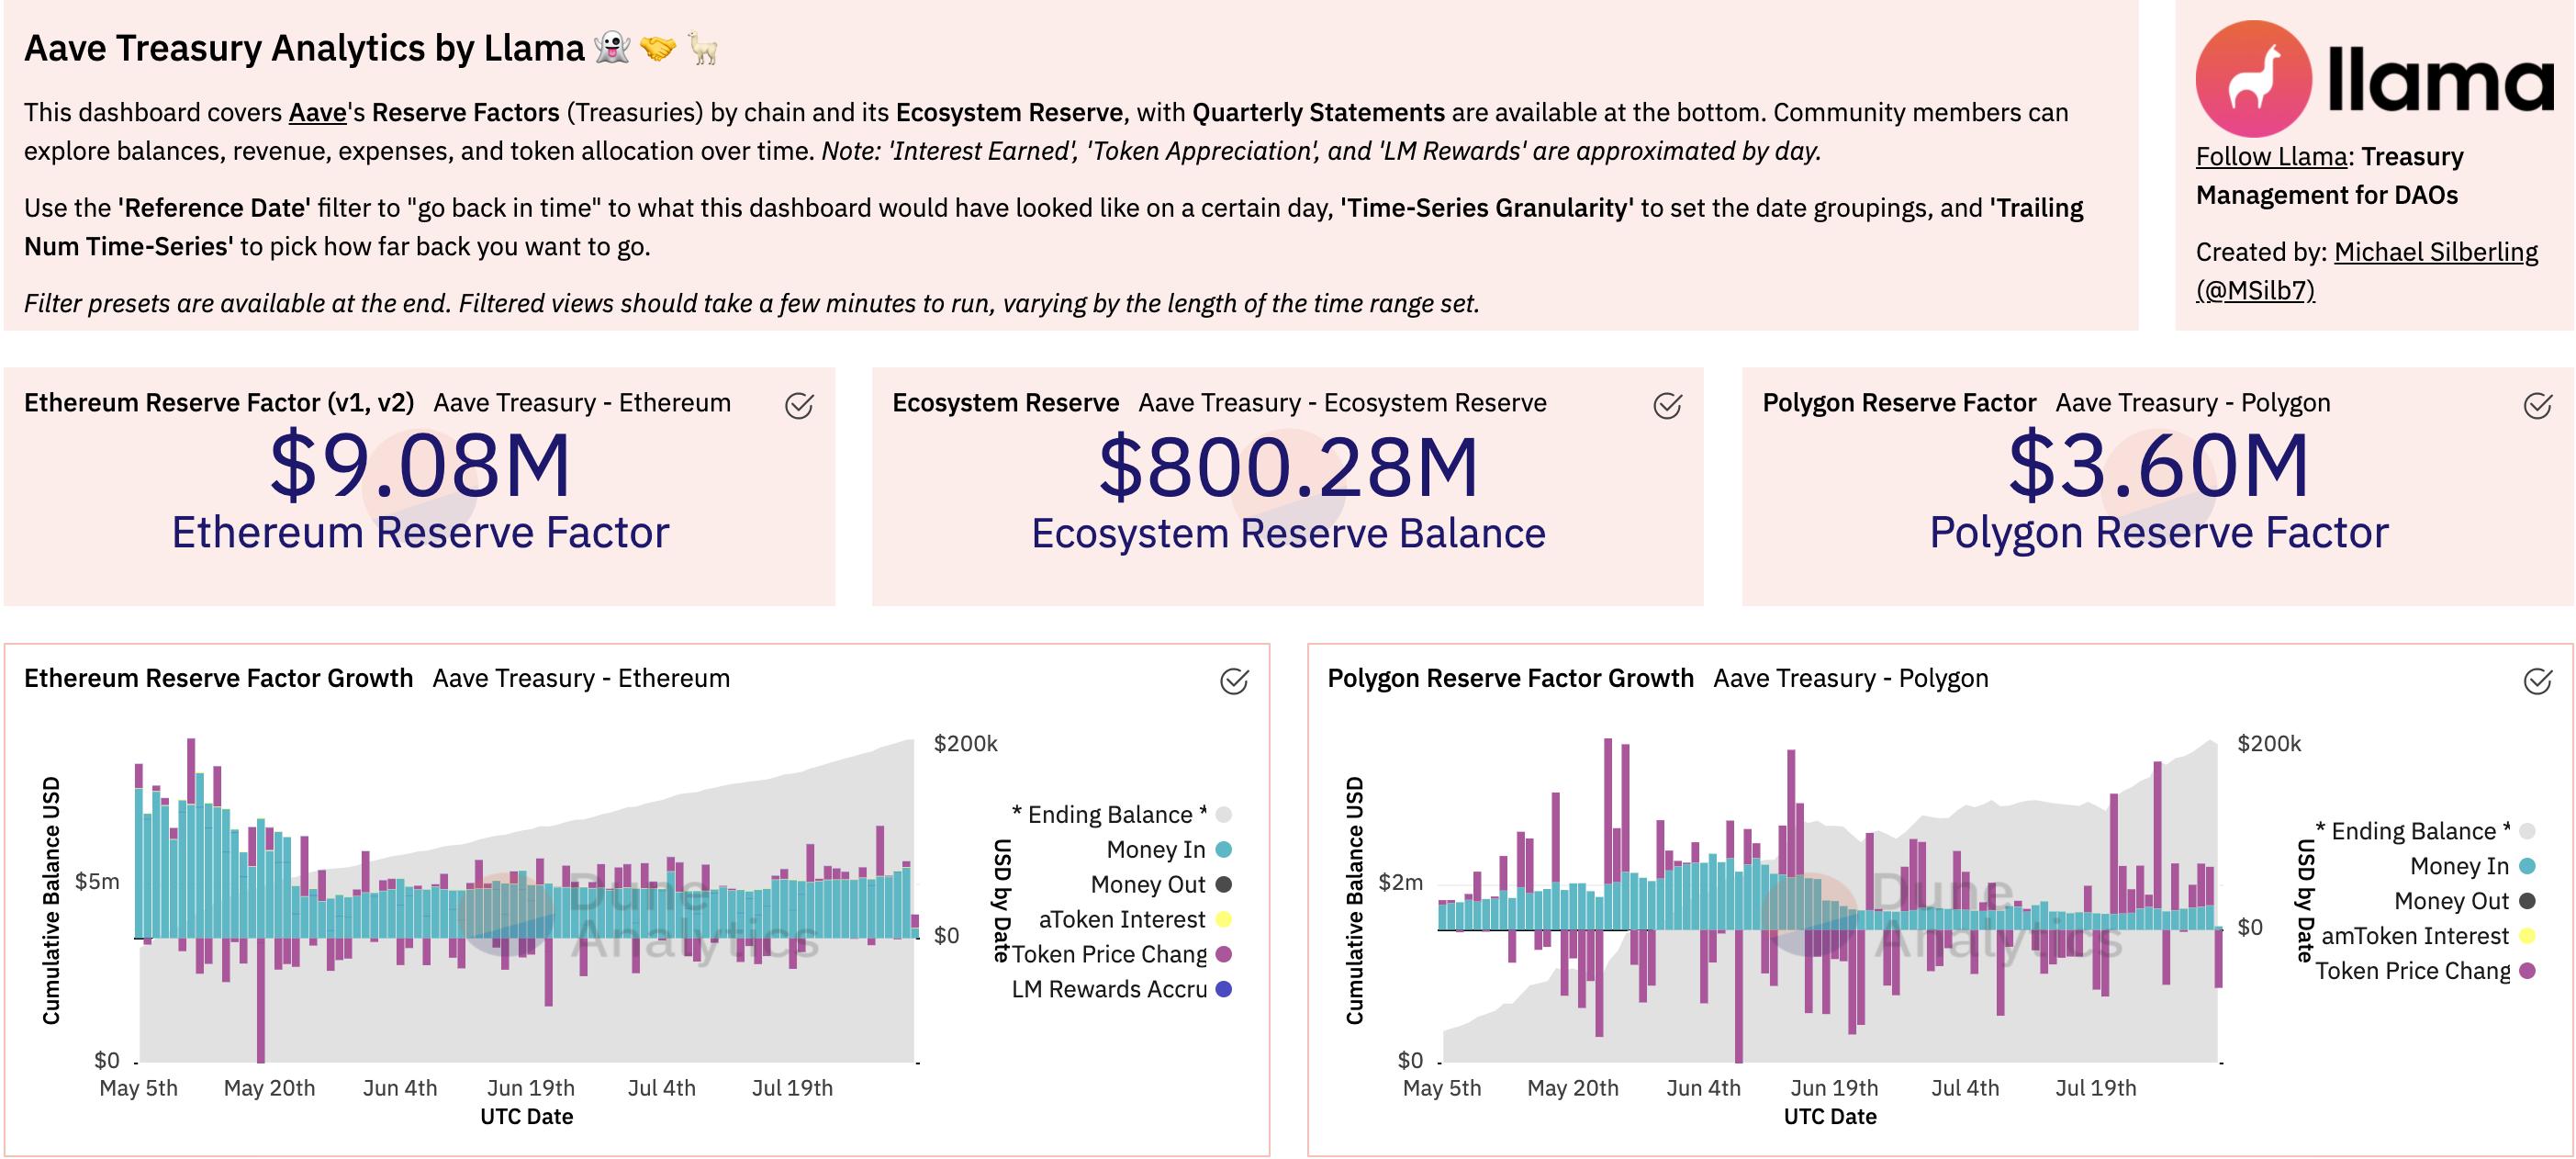 Aave Treasury Analytics by Llama